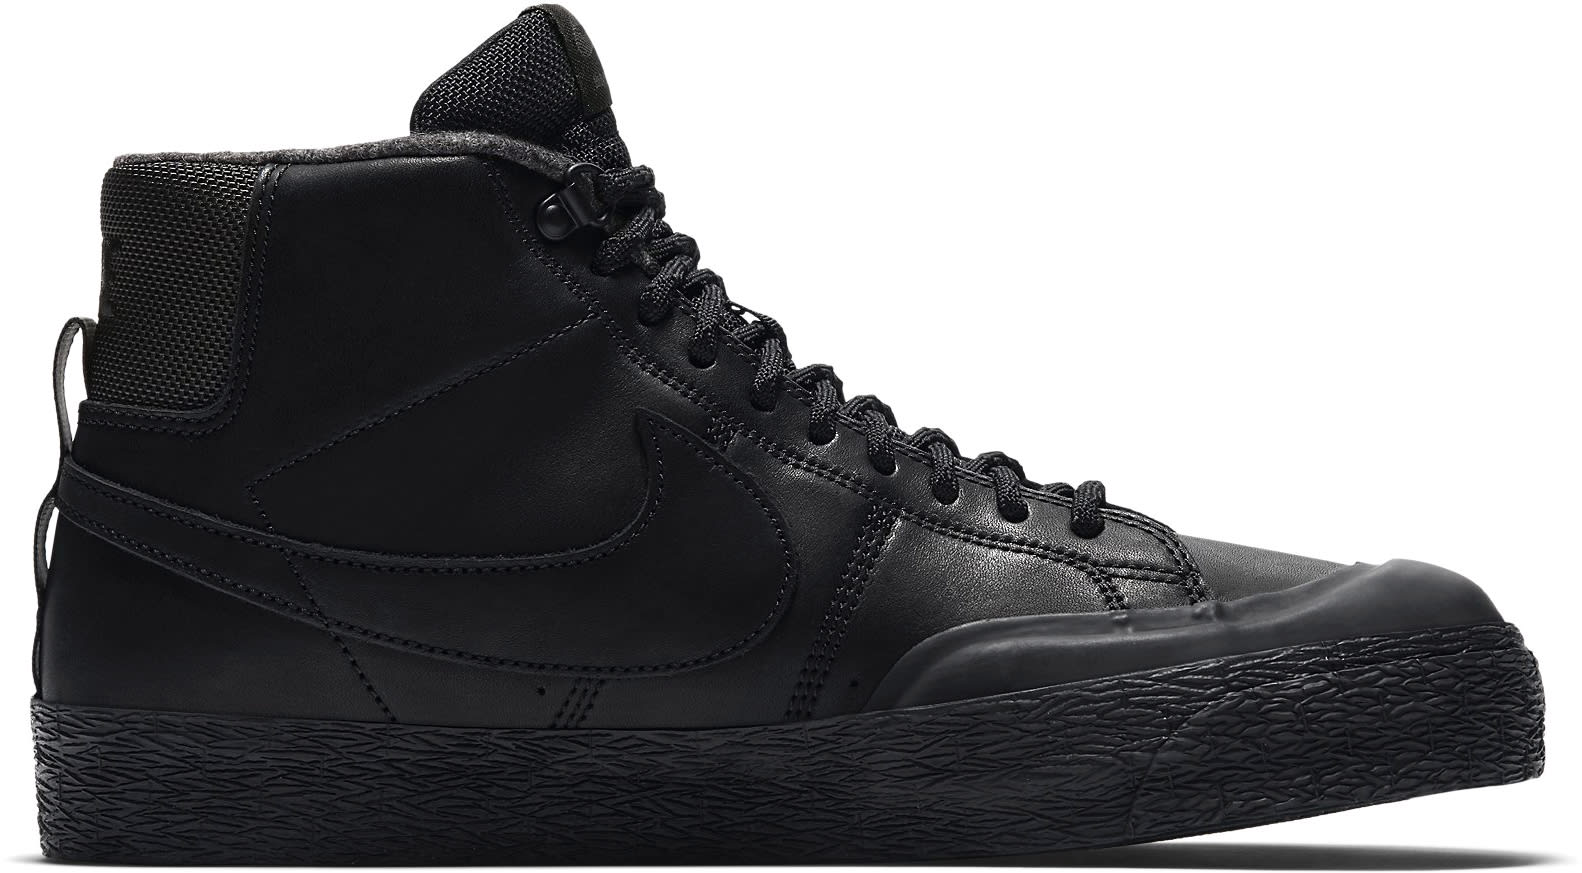 486b34a98b00 Nike SB Blazer Zoom Mid XT Bota Skate Shoes - thumbnail 2